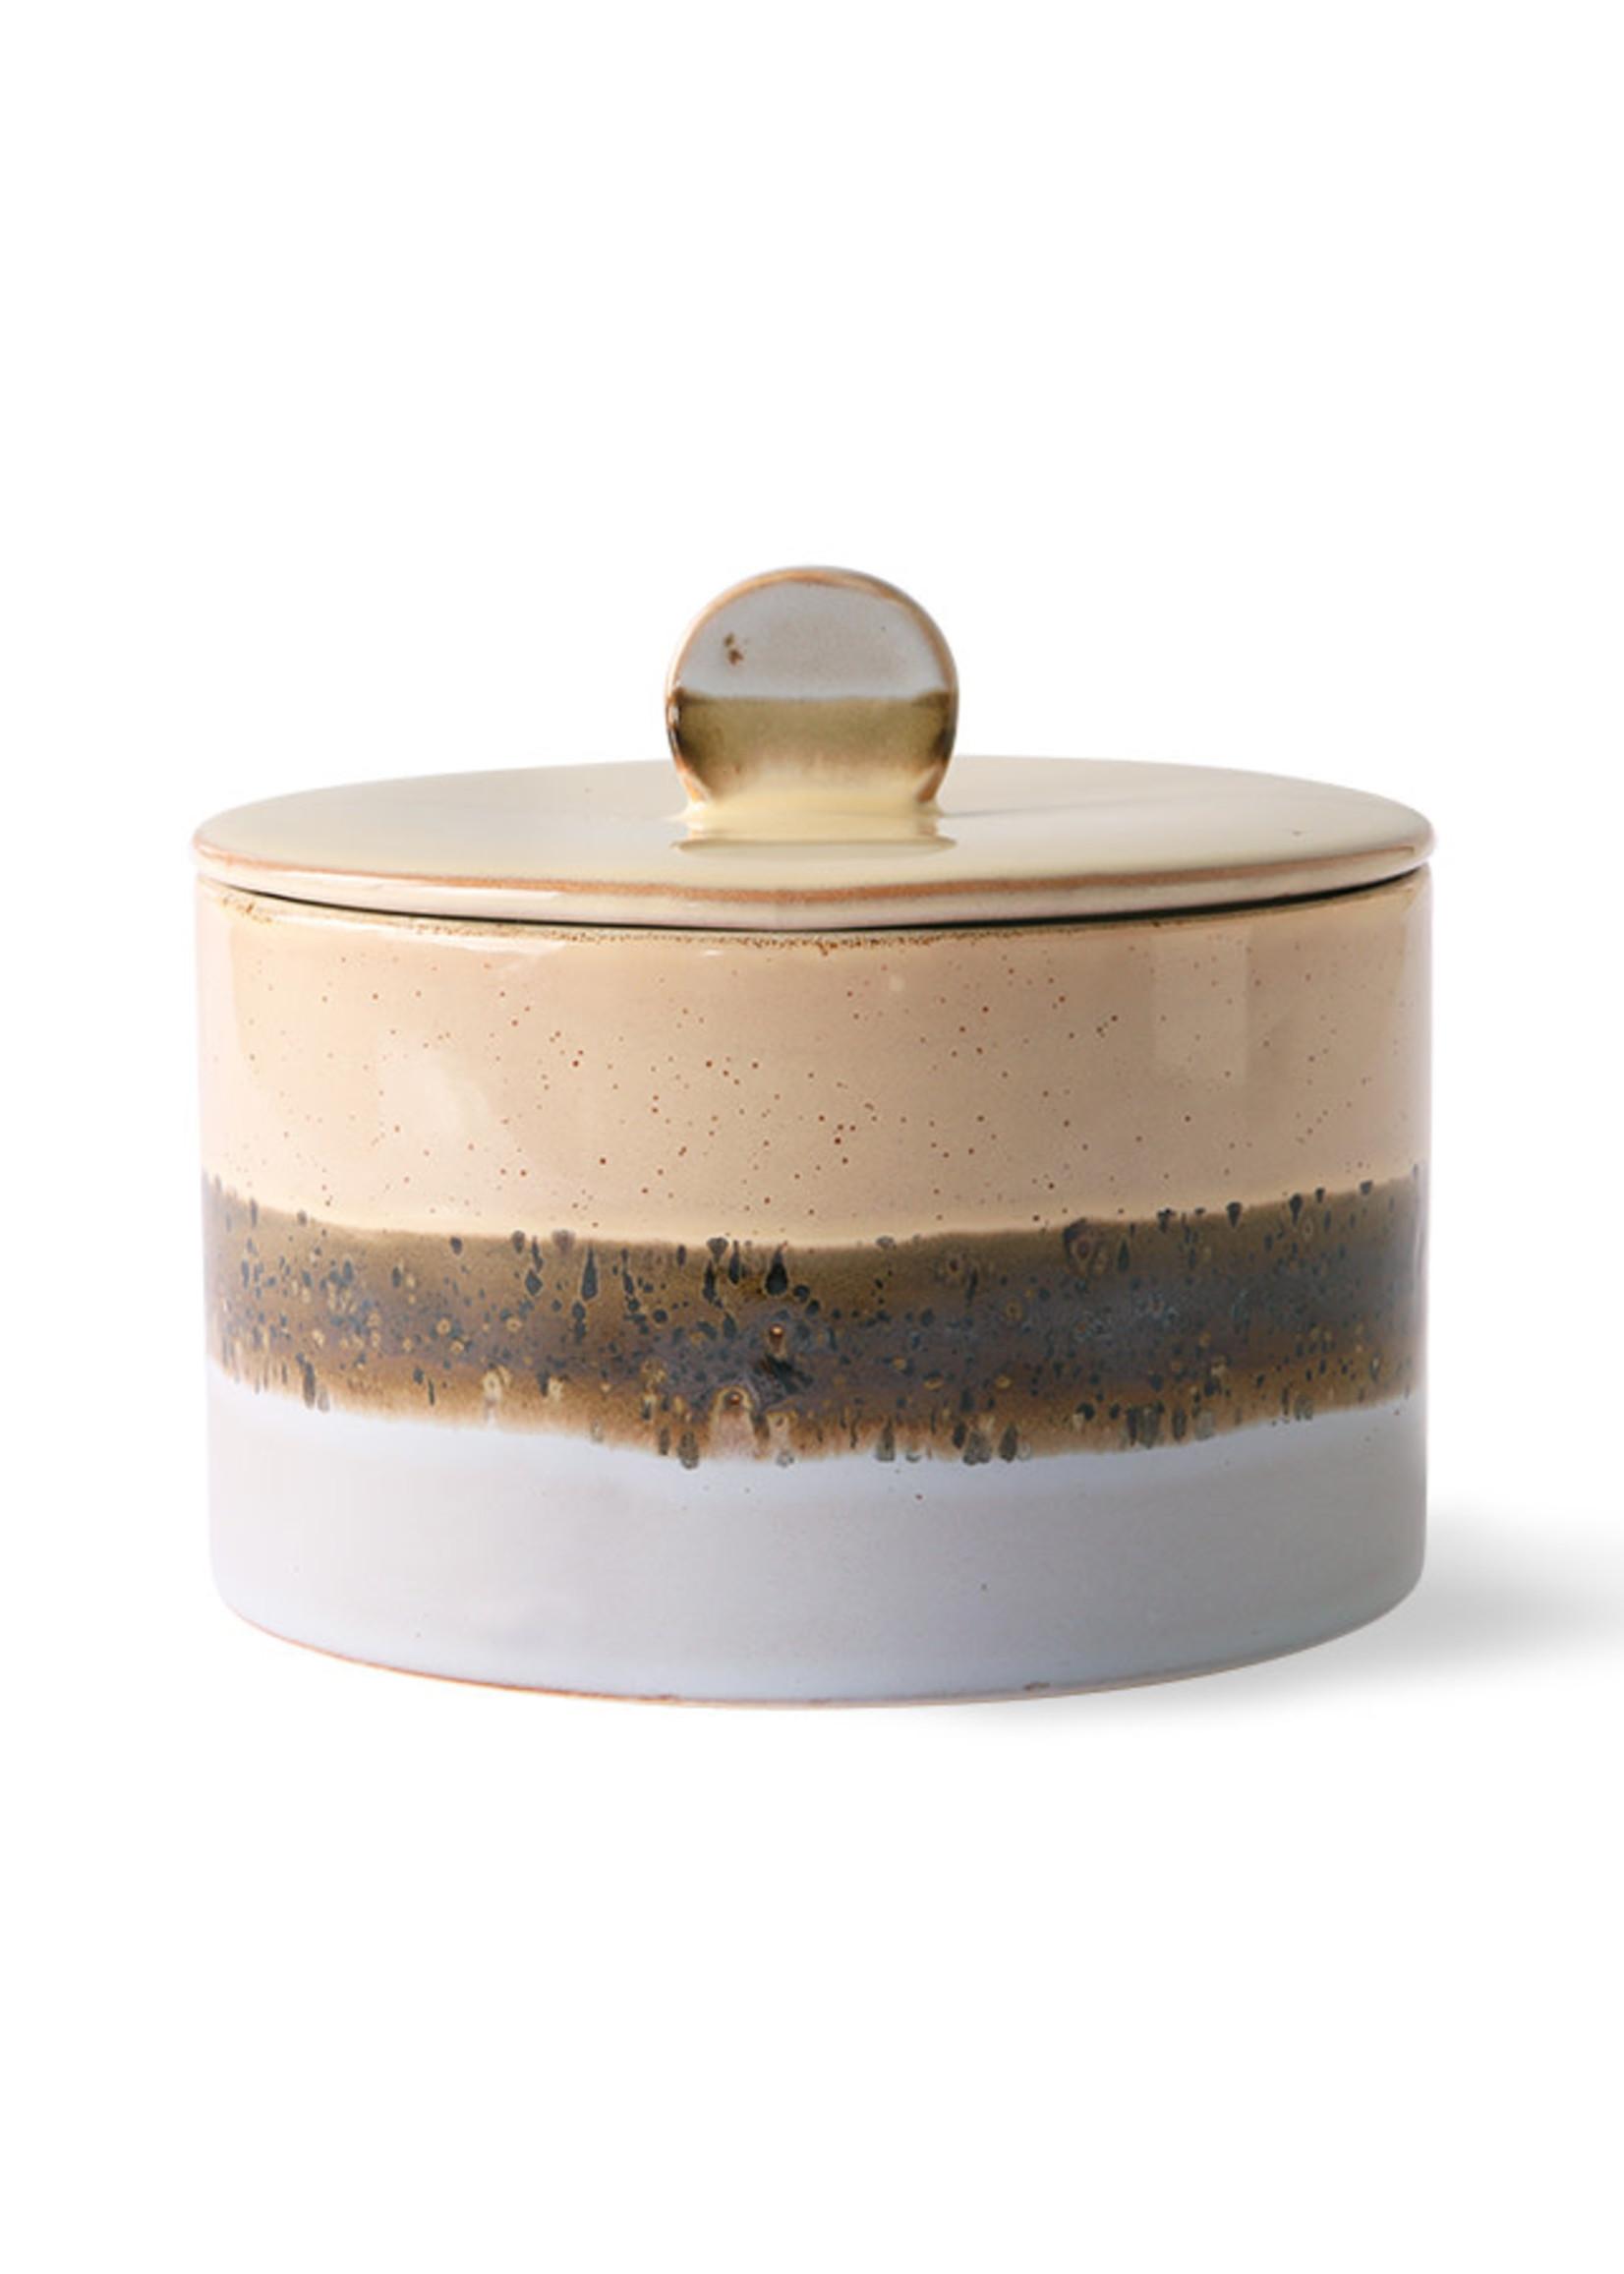 HK living 70s ceramics: cookie jar, lake